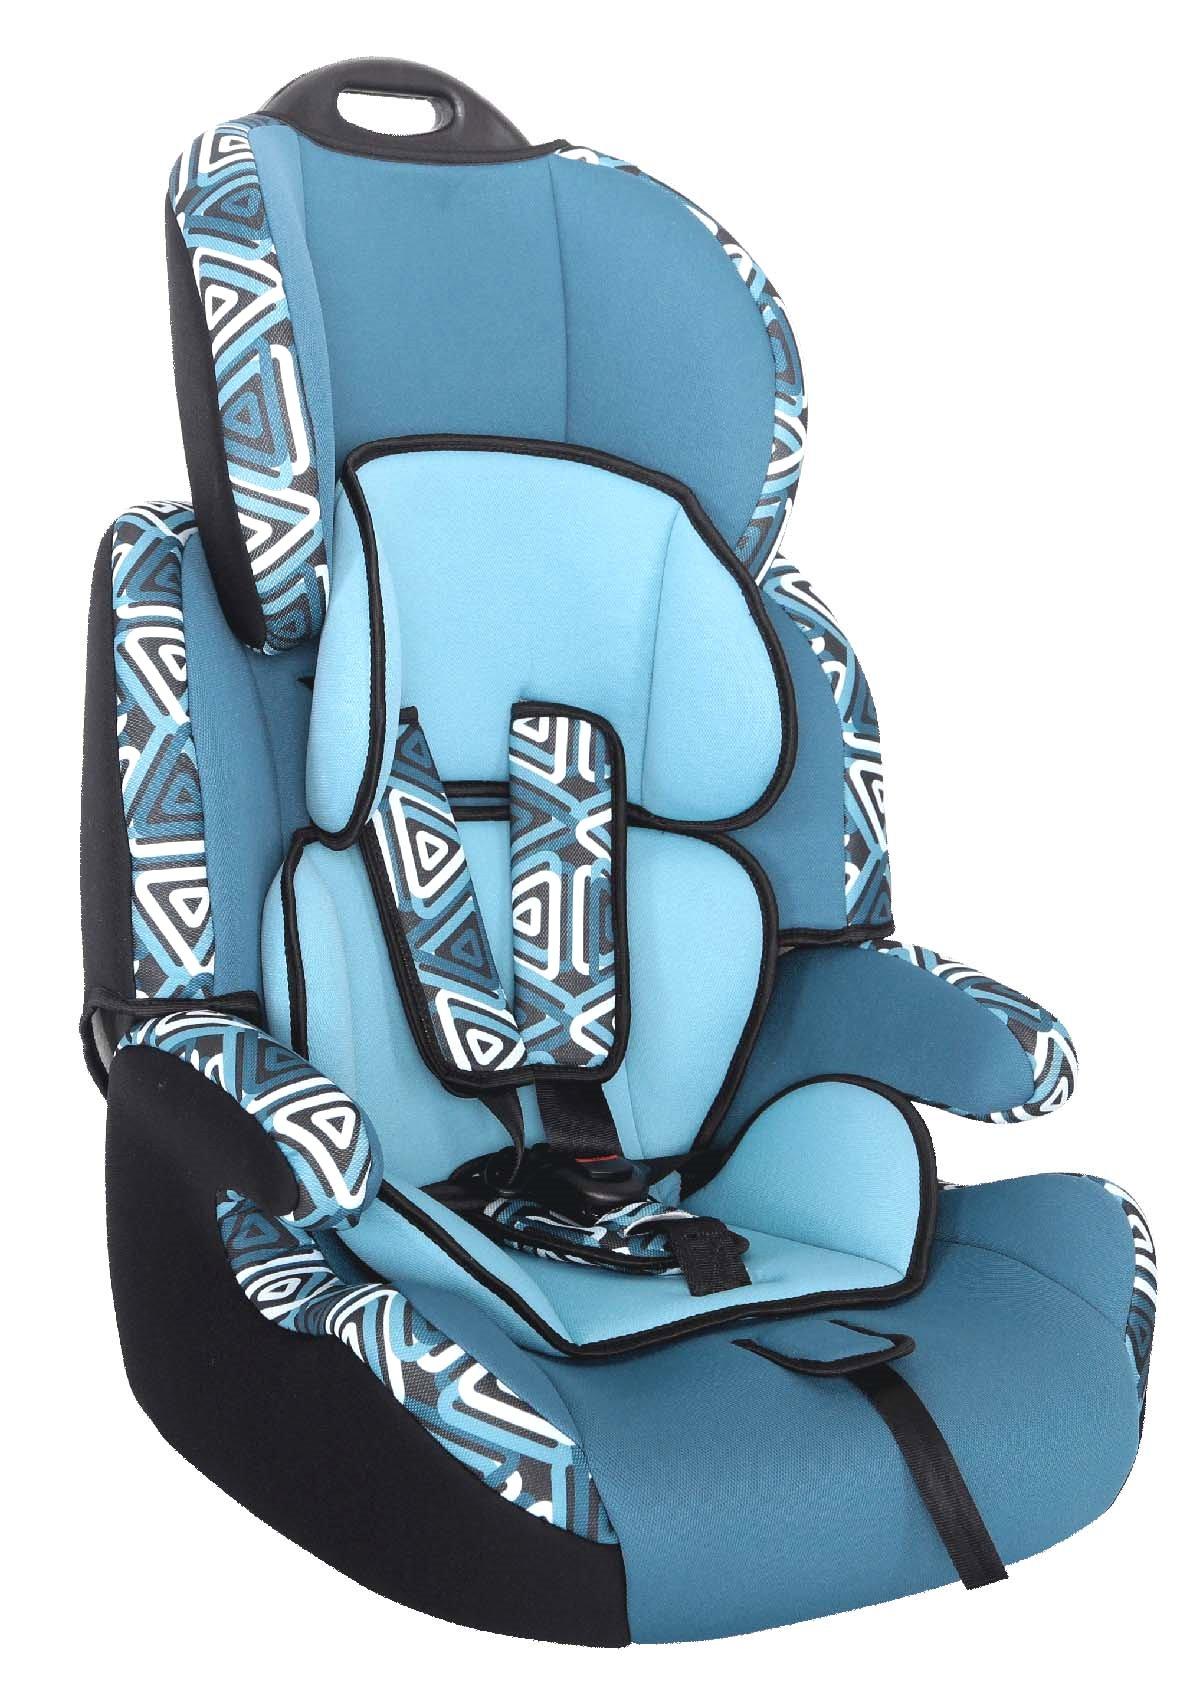 Купить Кресло детское автомобильное Siger СТАР kres0459